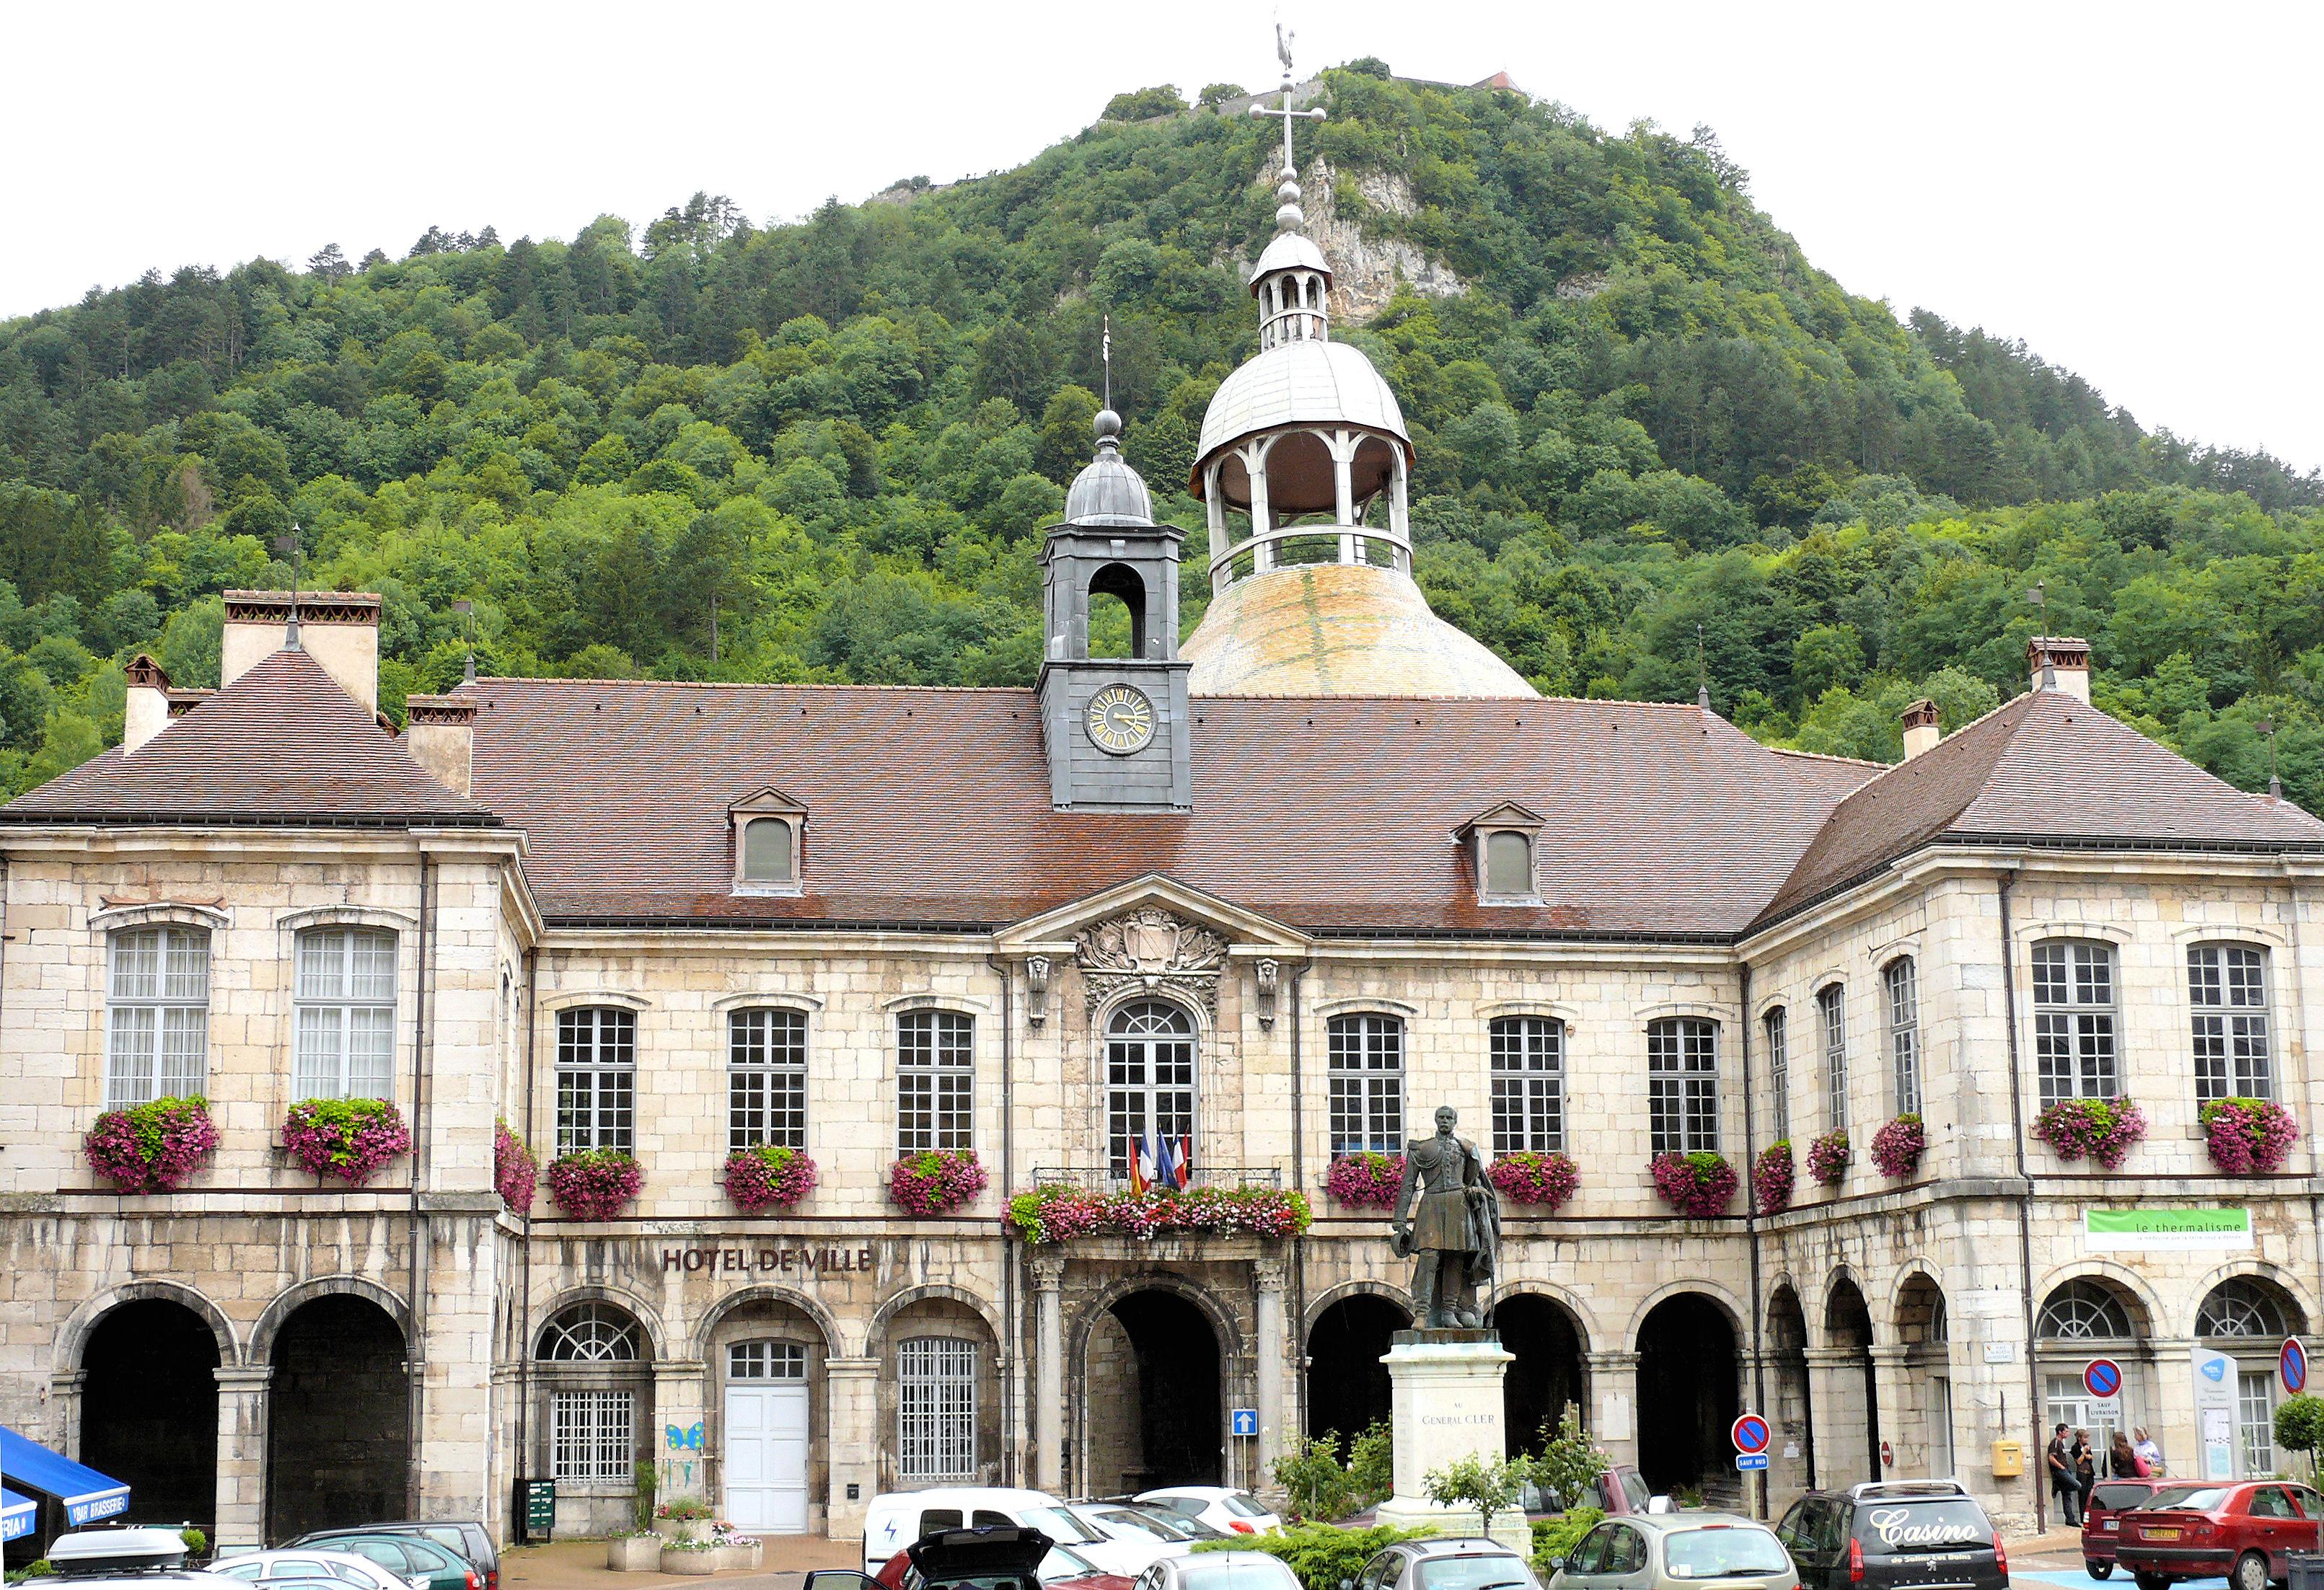 Liste des monuments historiques de salins les bains for Salins les thermes piscine